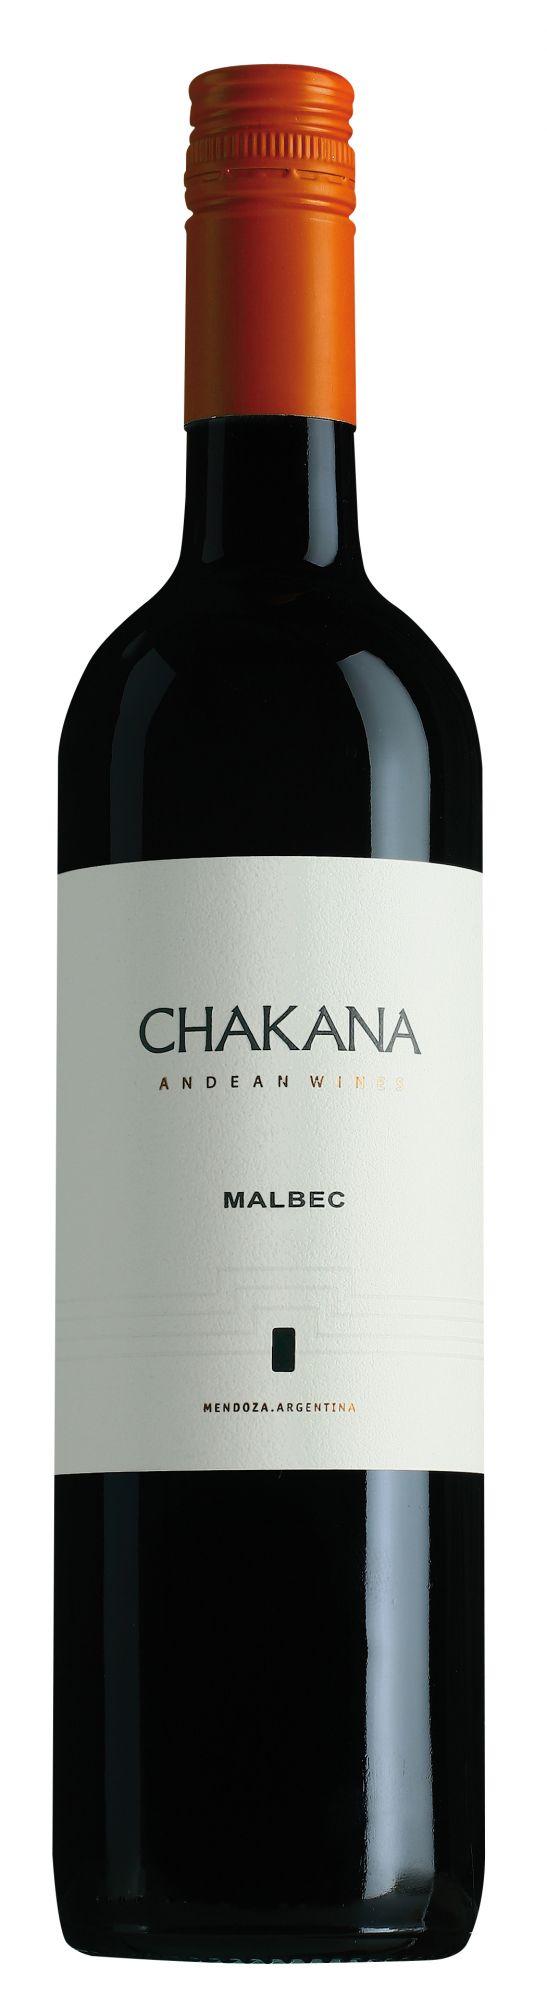 Chakana Mendoza Malbec